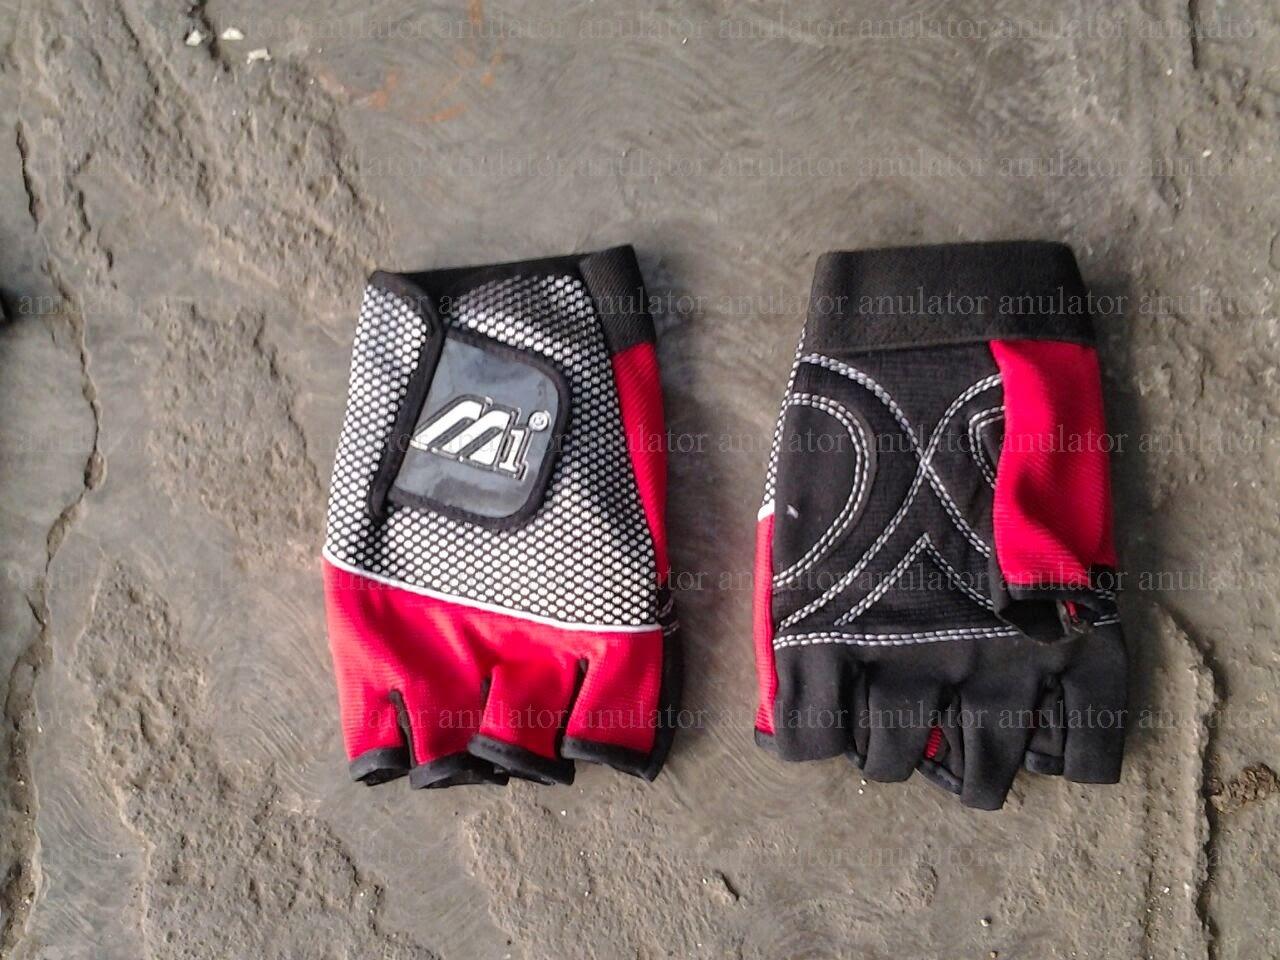 Glove M1 Half